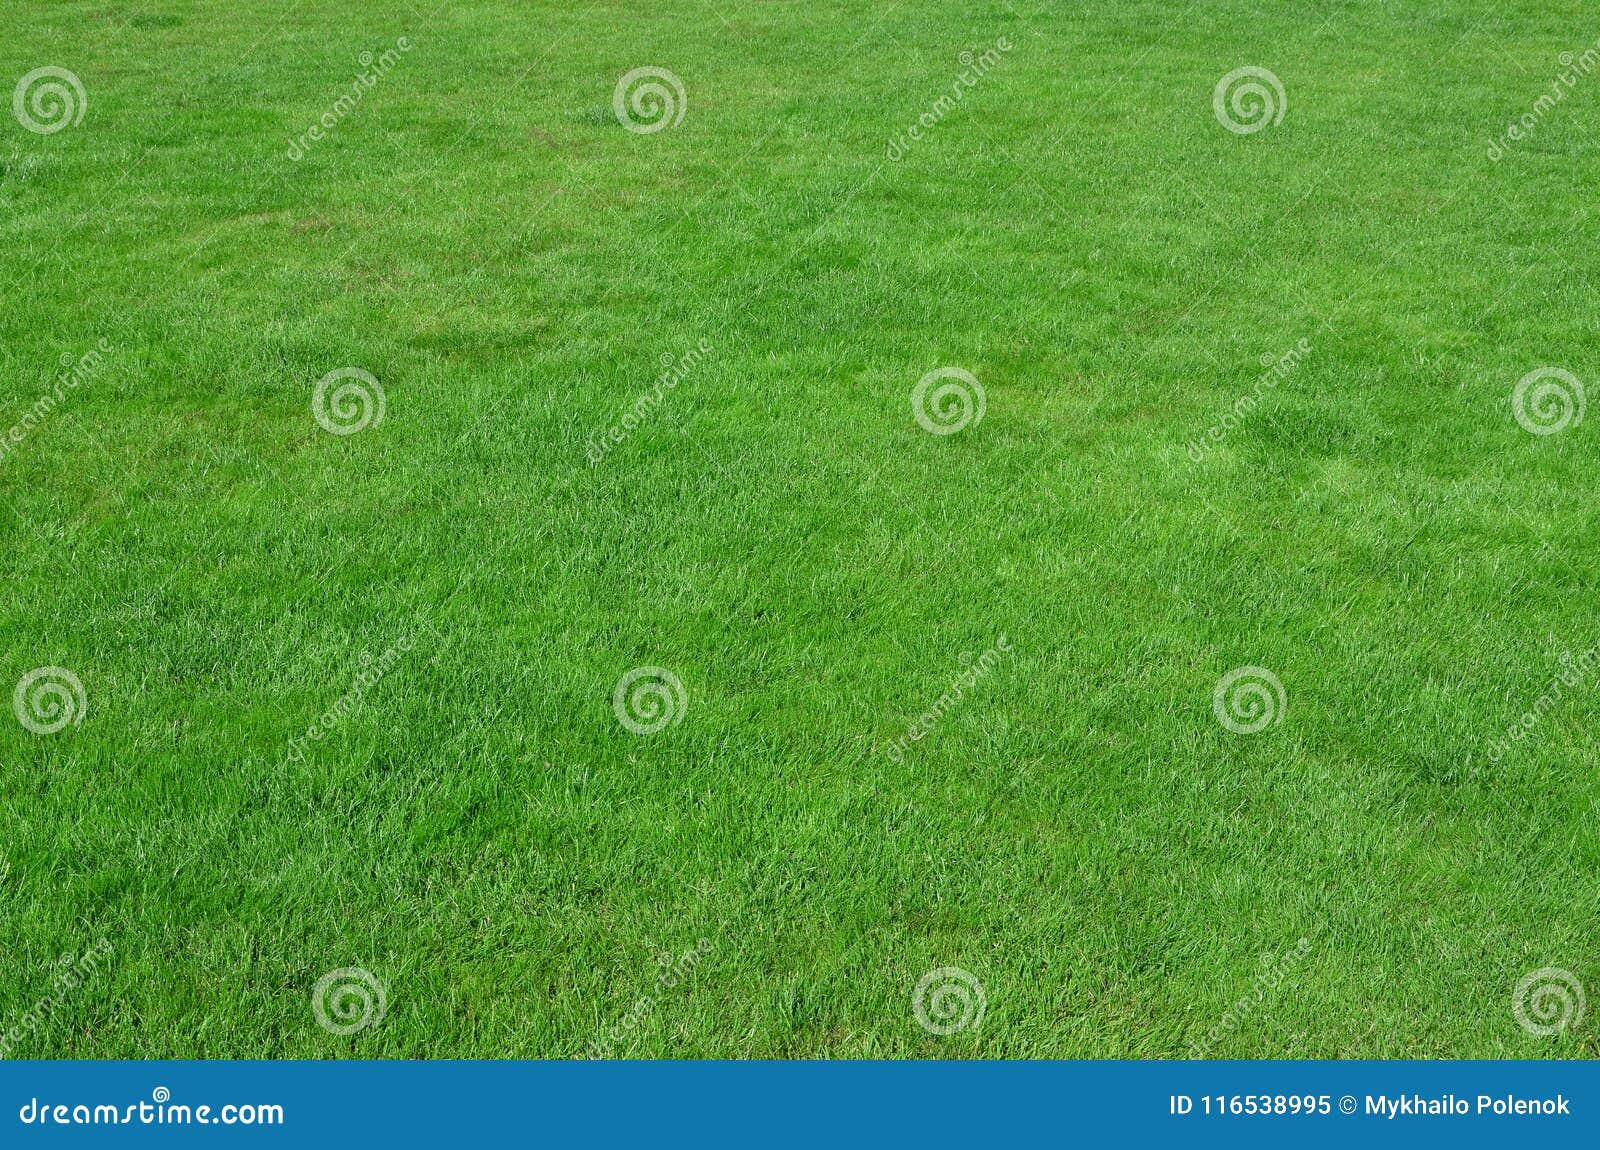 Foto des Standorts mit gleichmäßig-geerntetem grünem Gras Rasen oder Gasse von frischen grünen gras